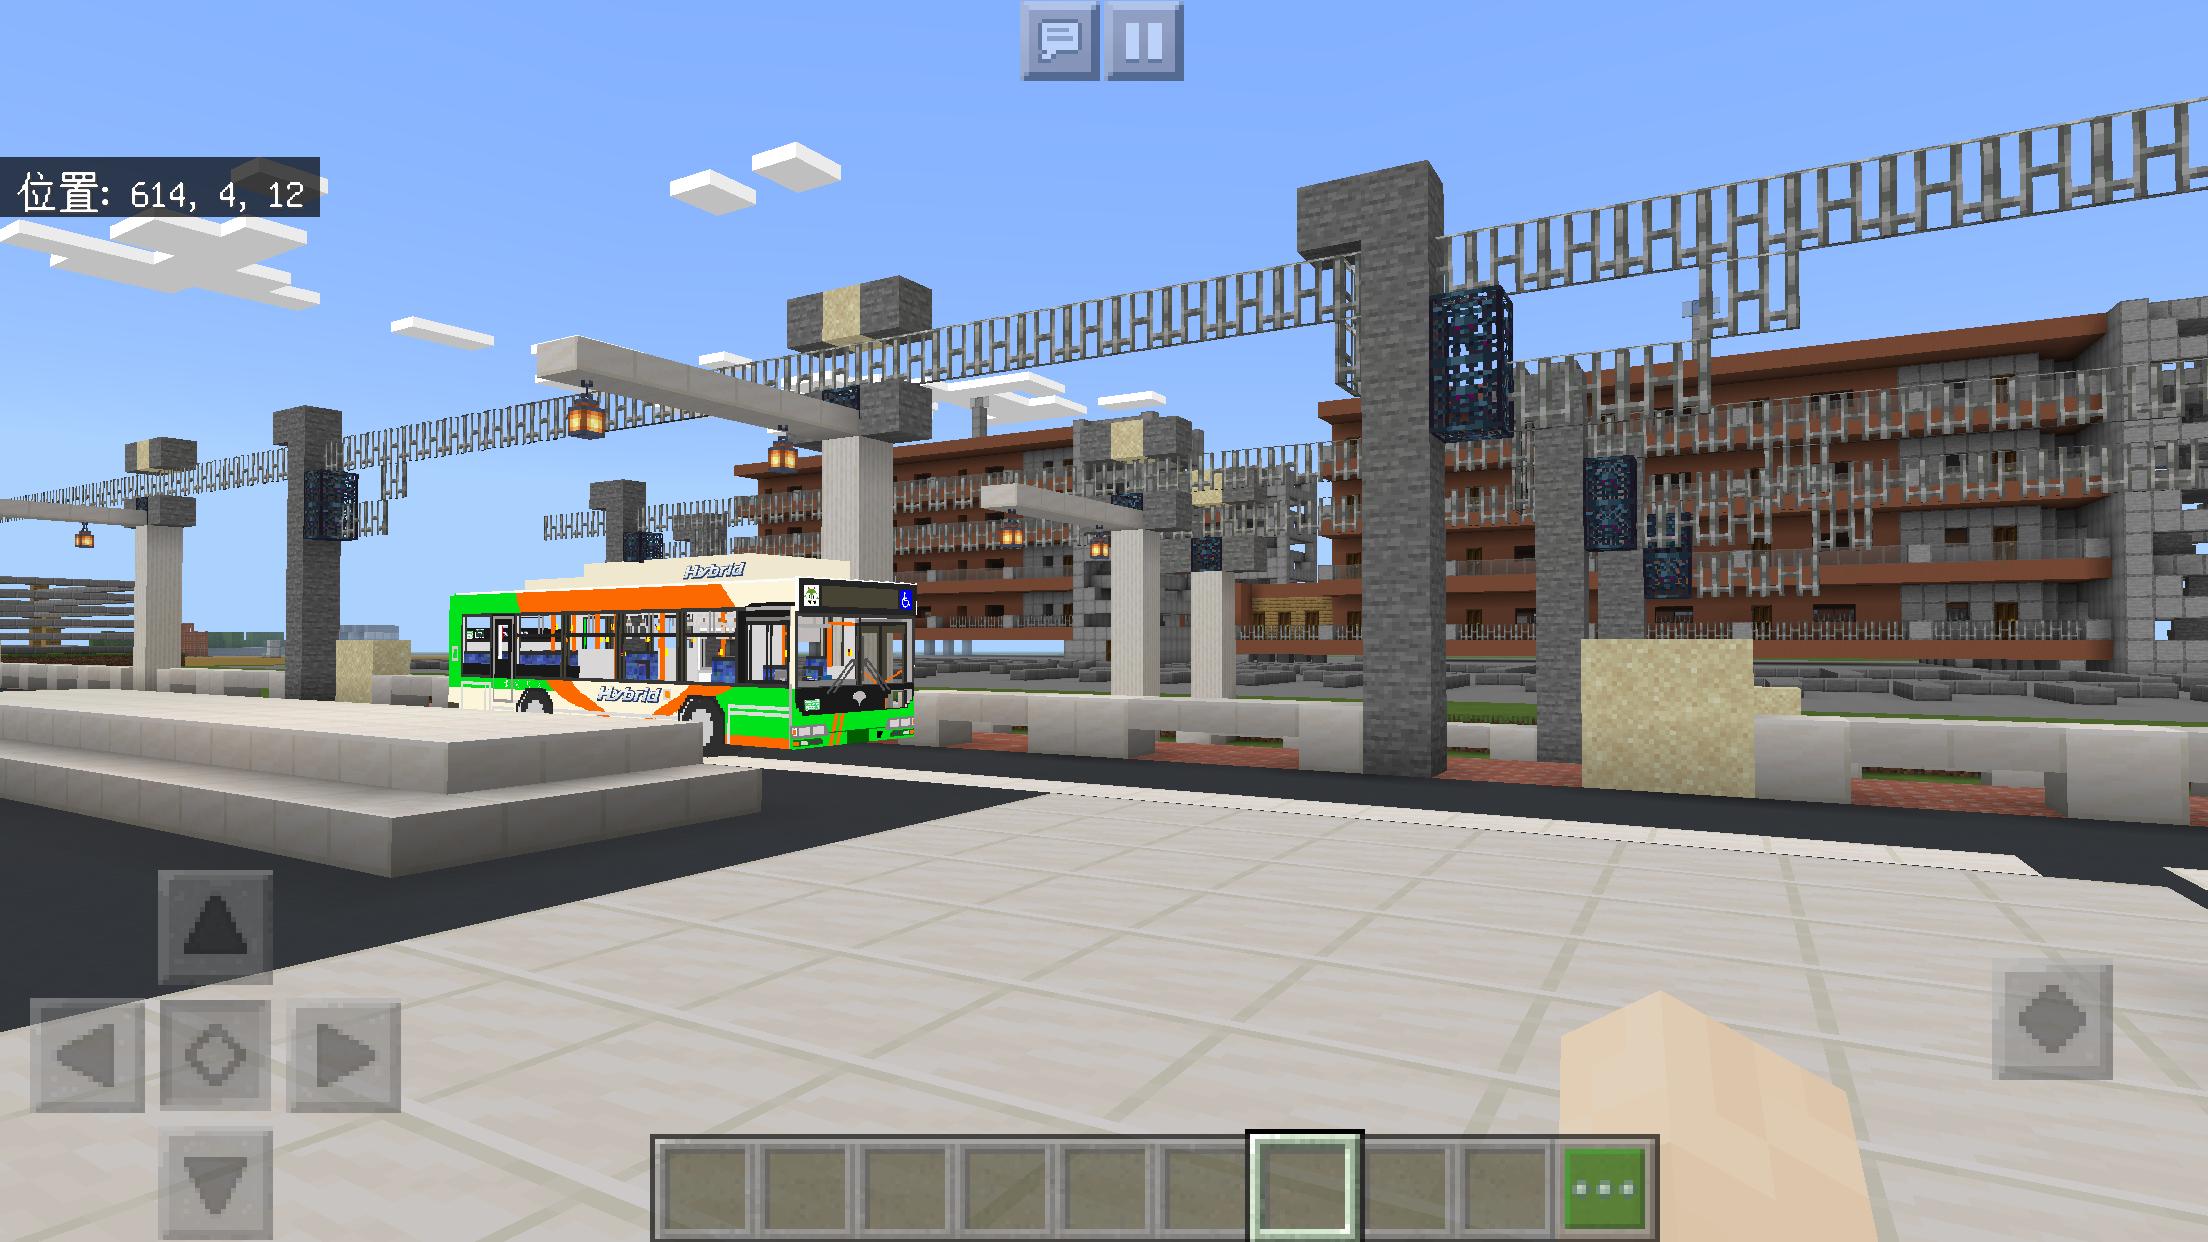 f:id:Minecraftkun:20200301153517p:image